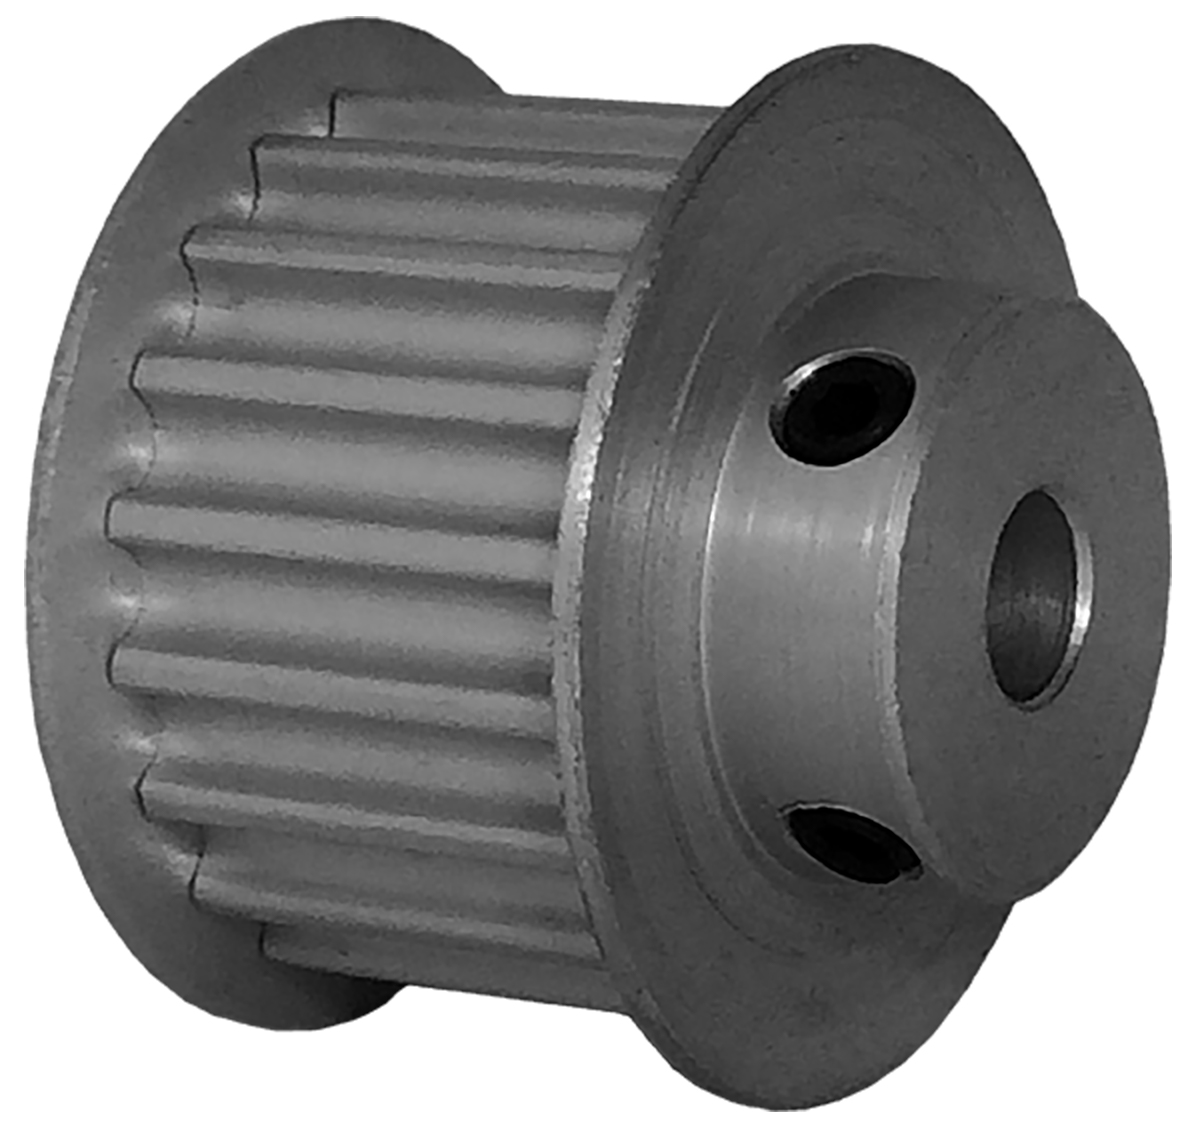 19-5P15-6FA3 - Aluminum Powerhouse® Pulleys